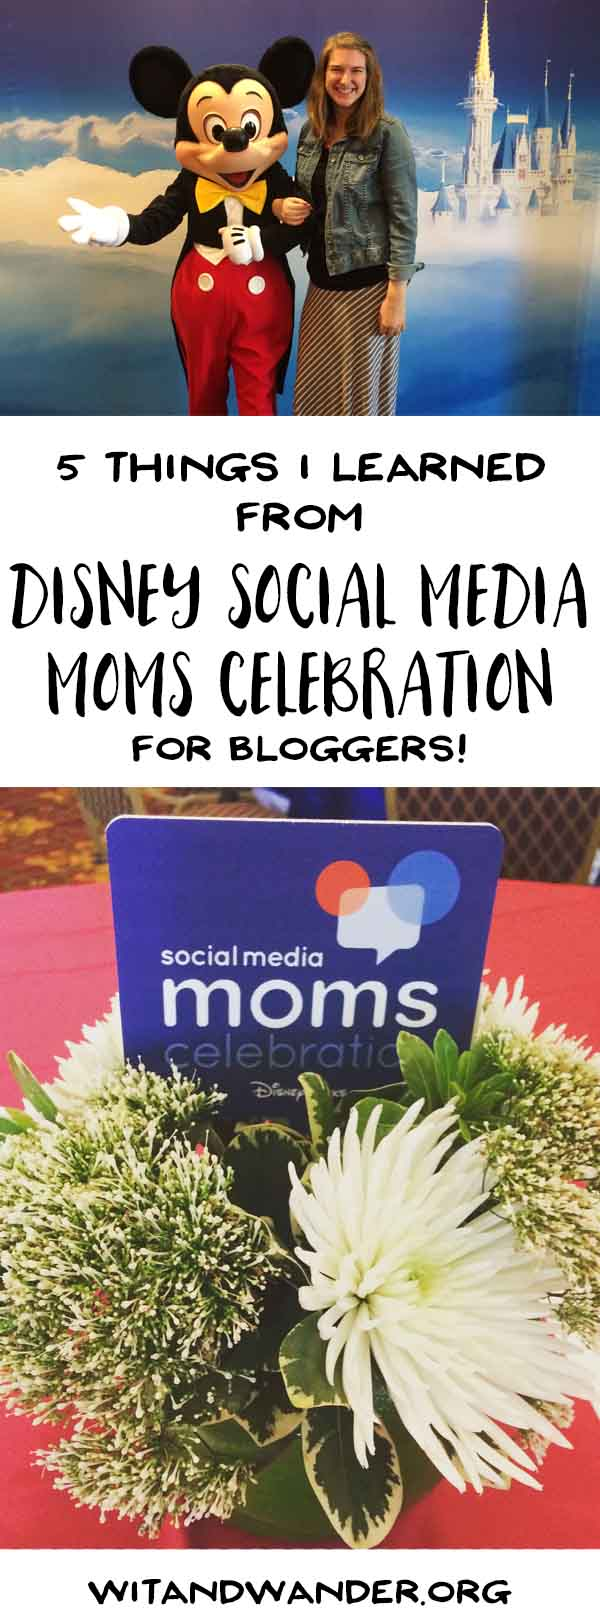 Disney Social Media Moms Celebration for Bloggers - Pinterest